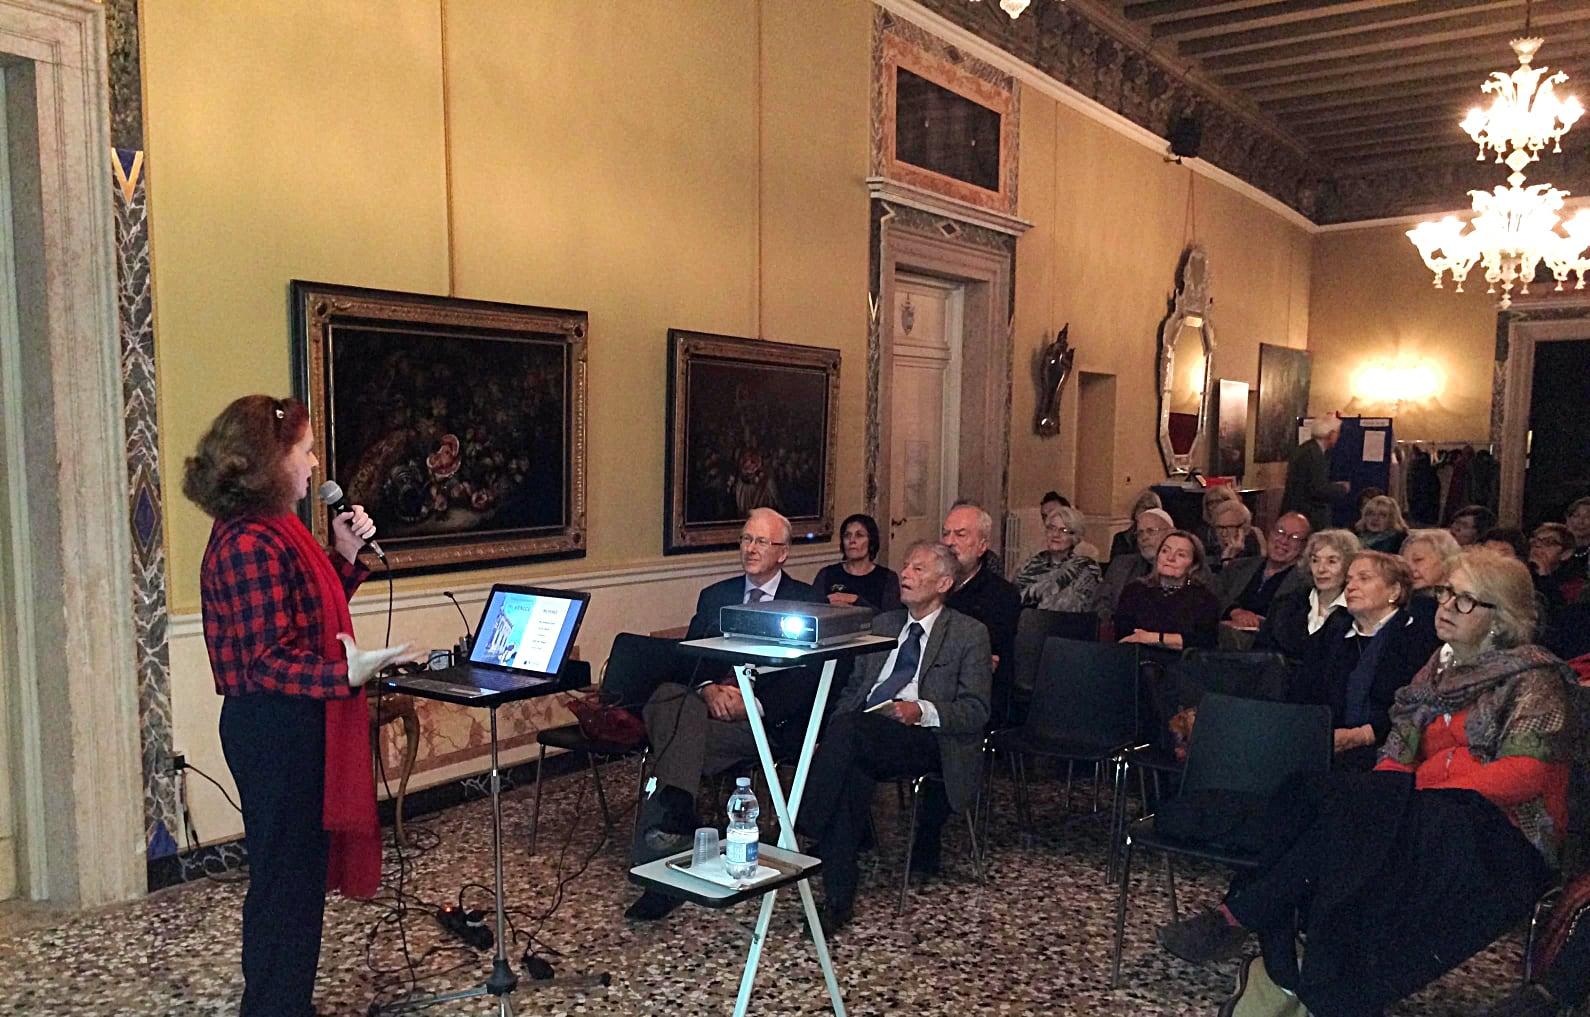 The author at the Circolo Italo-Britannico, Venice, Italy